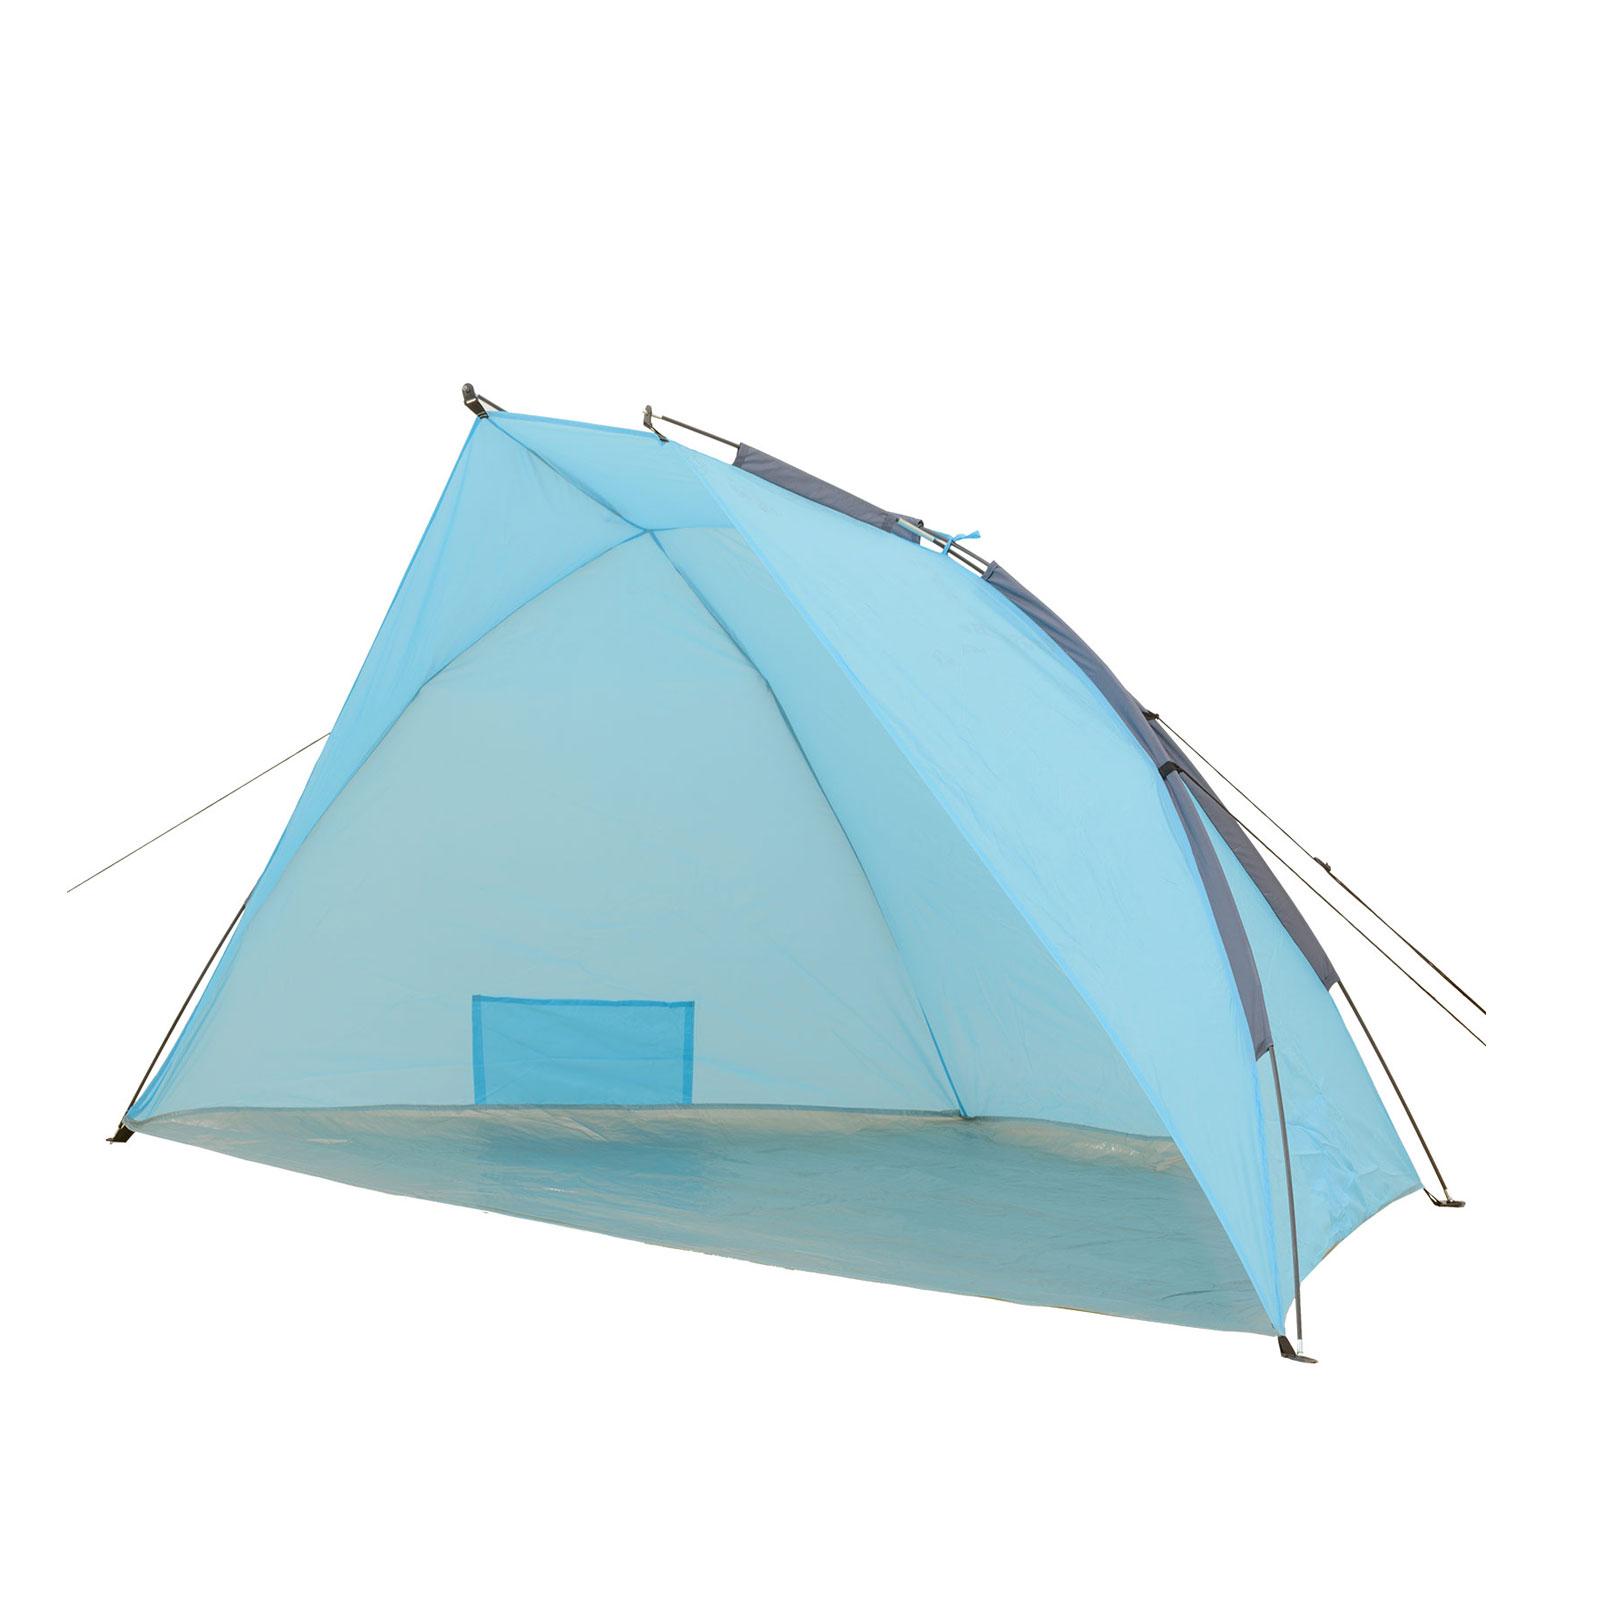 strandmuschel uv schutz strandzelt sonnenschutz strand muschel windschutz zelt ebay. Black Bedroom Furniture Sets. Home Design Ideas